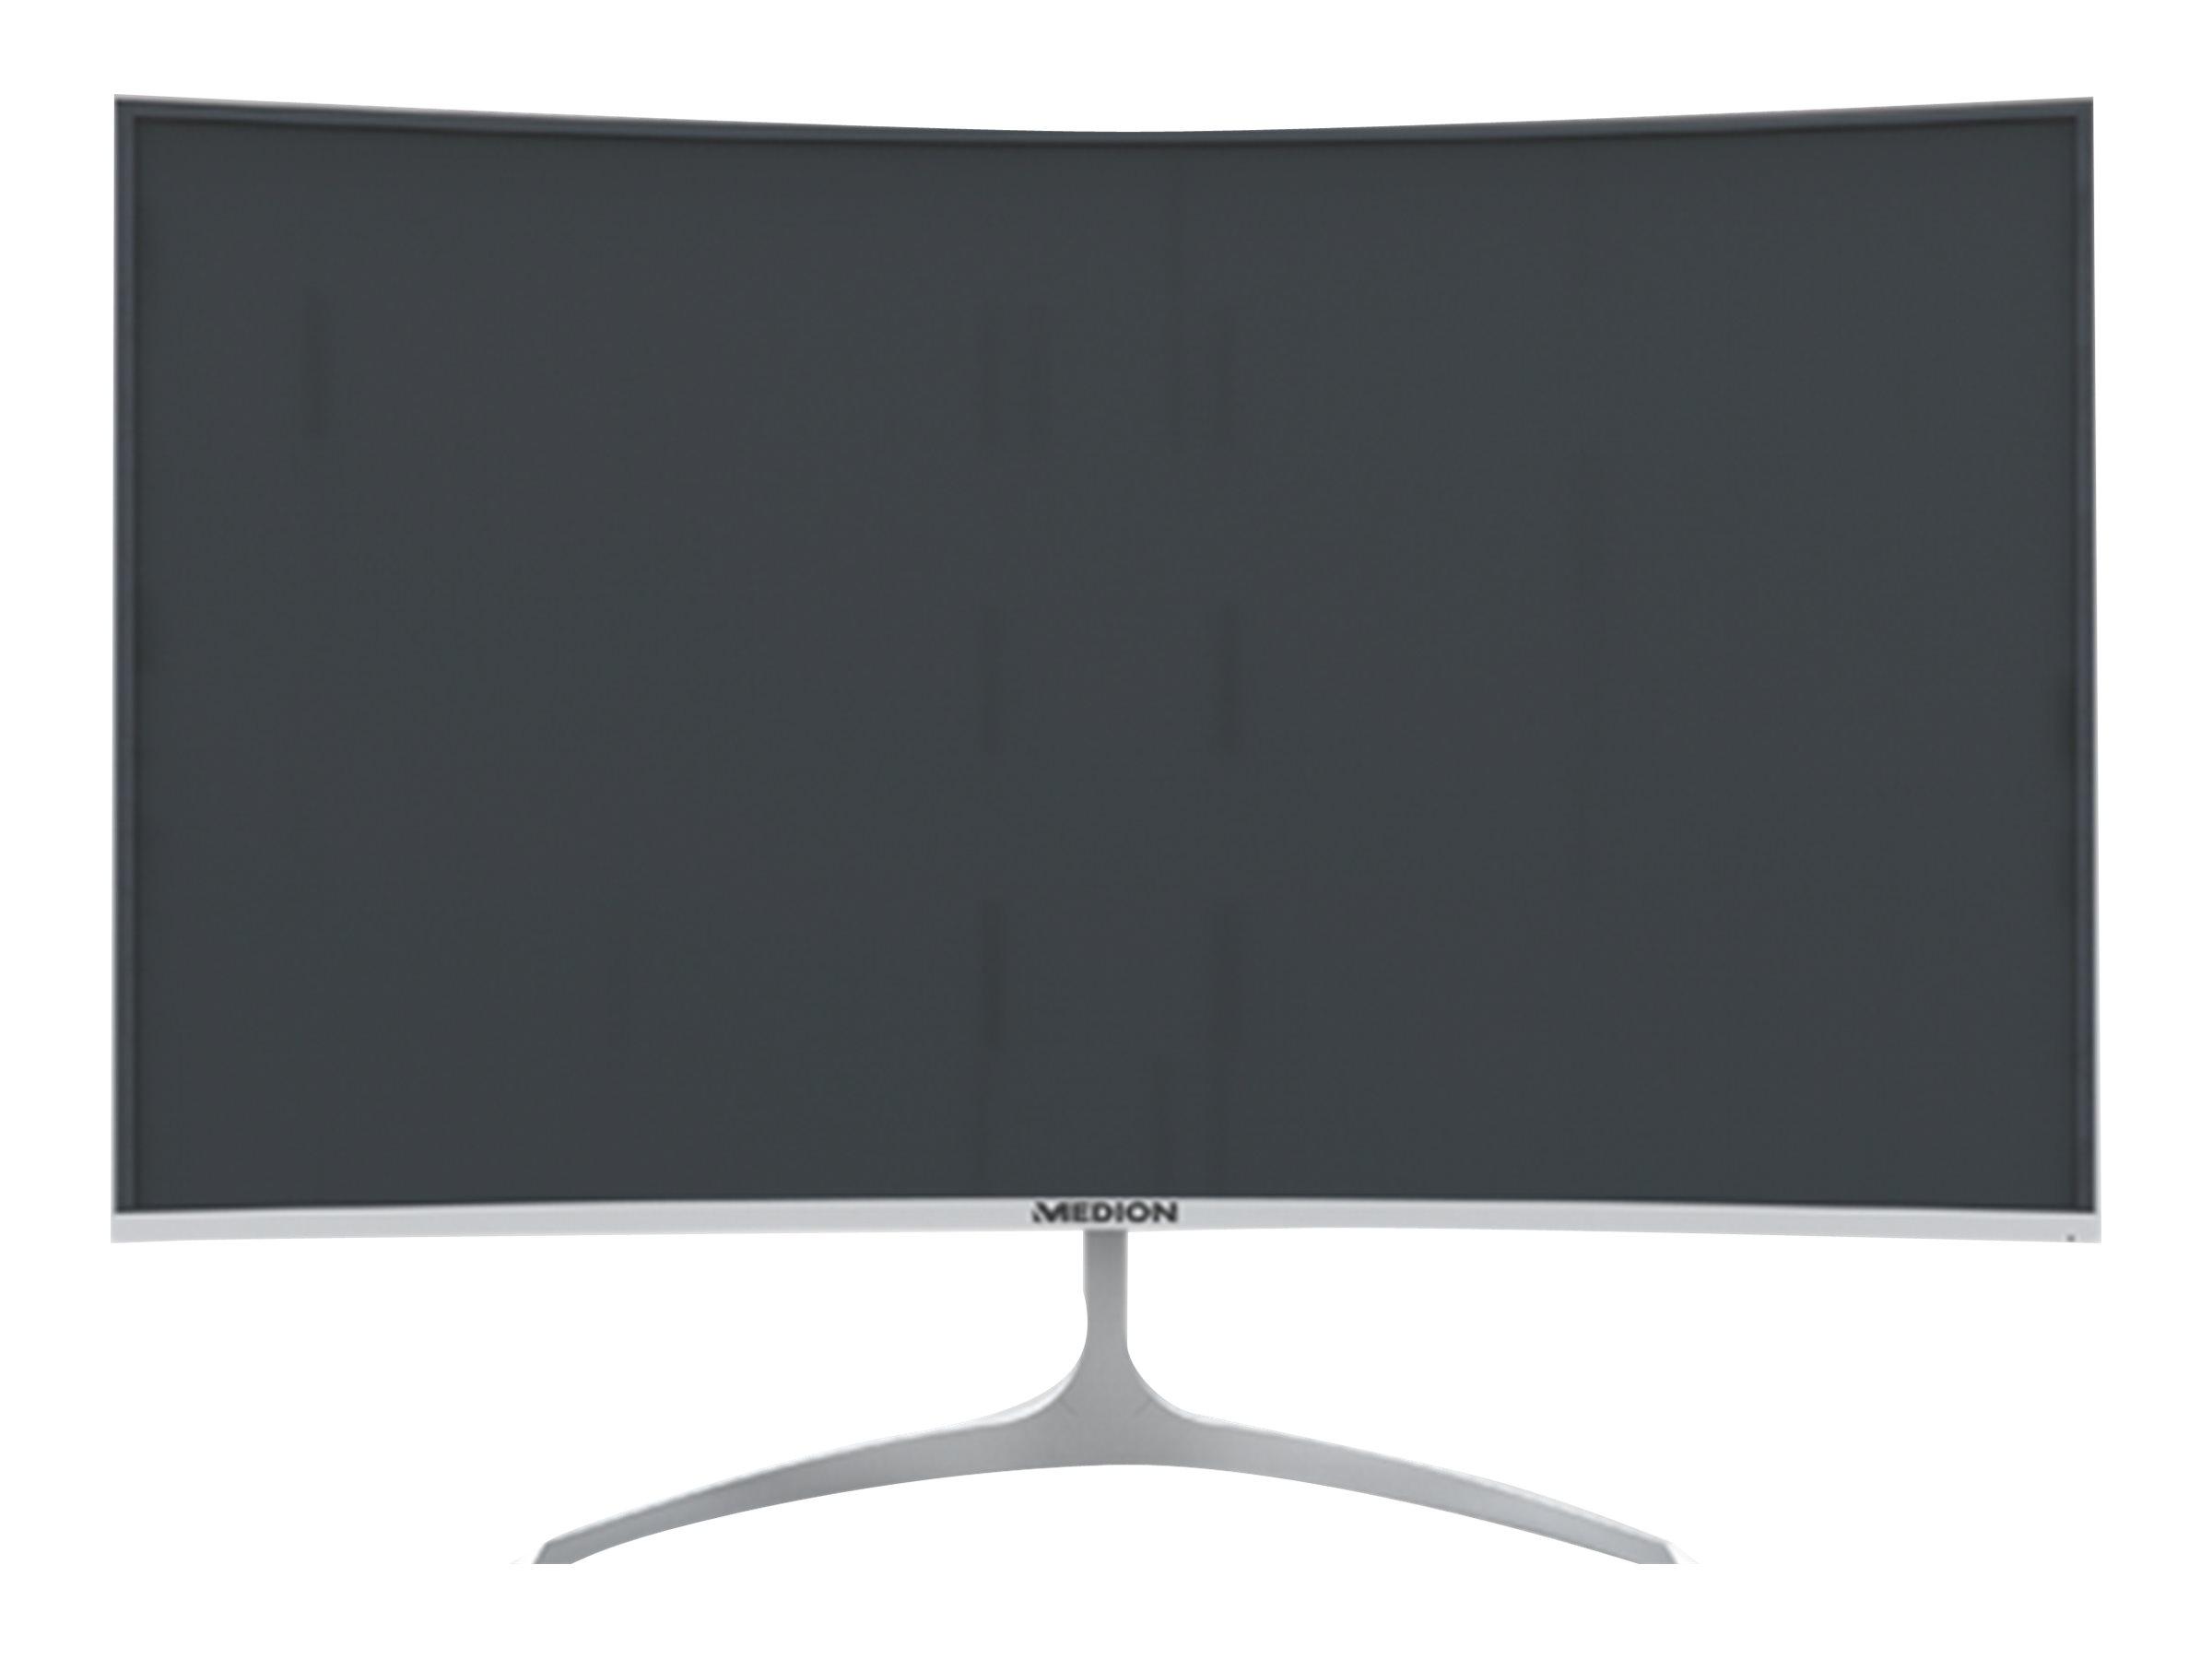 Medion Akoya X58455 - LED-Monitor - gebogen - 80.1 cm (31.5